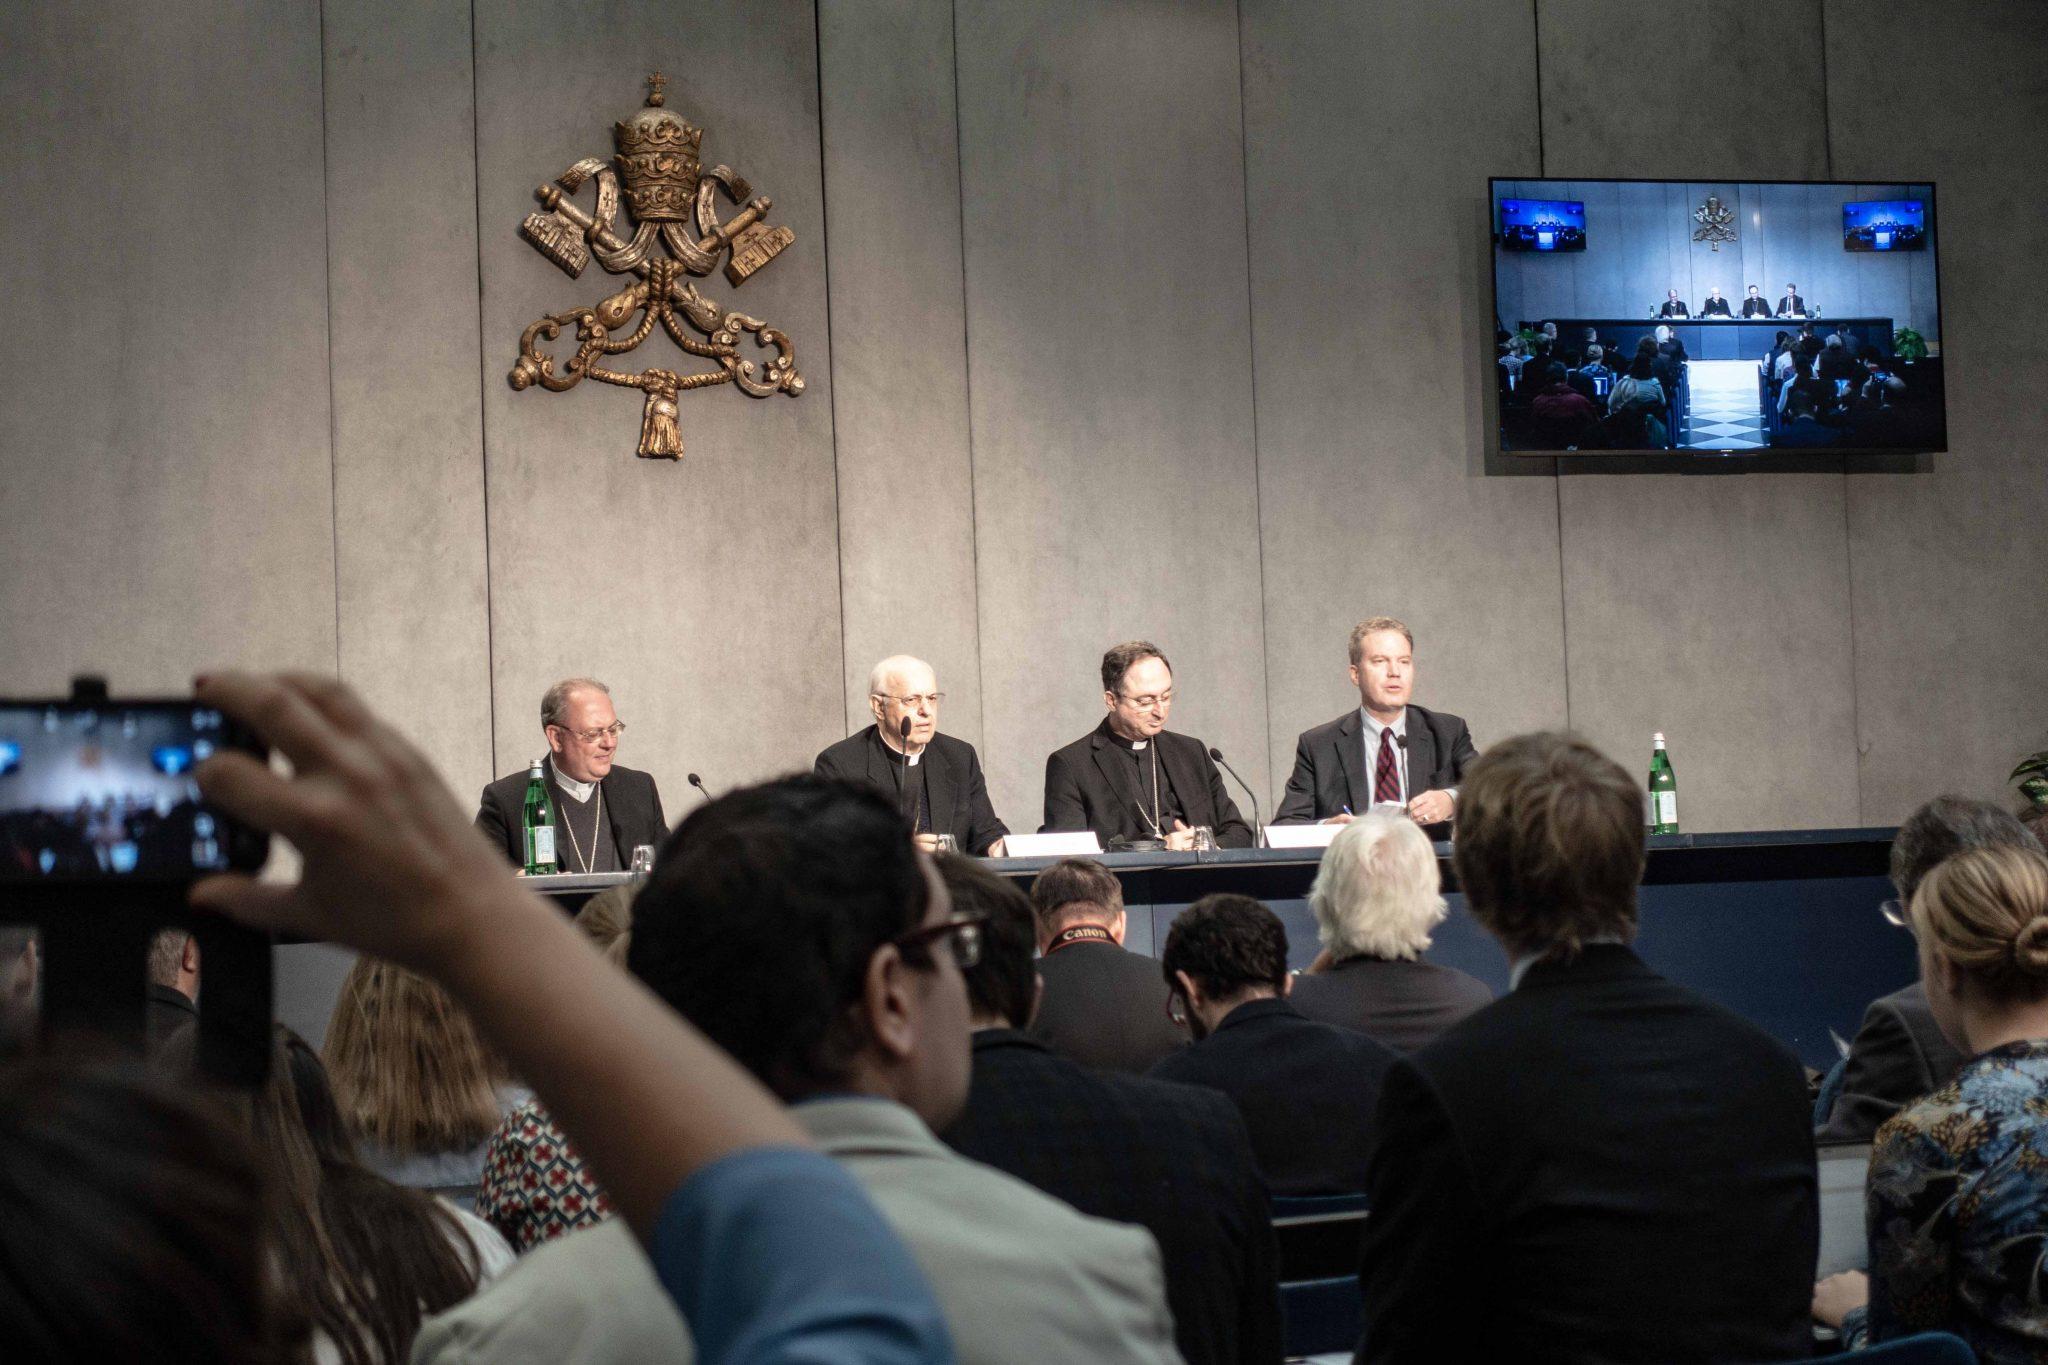 Bischof Fabene, Kardinal Baldisseri, Kardinal La Rocha und Pressesprecher Greg Burke, von Links